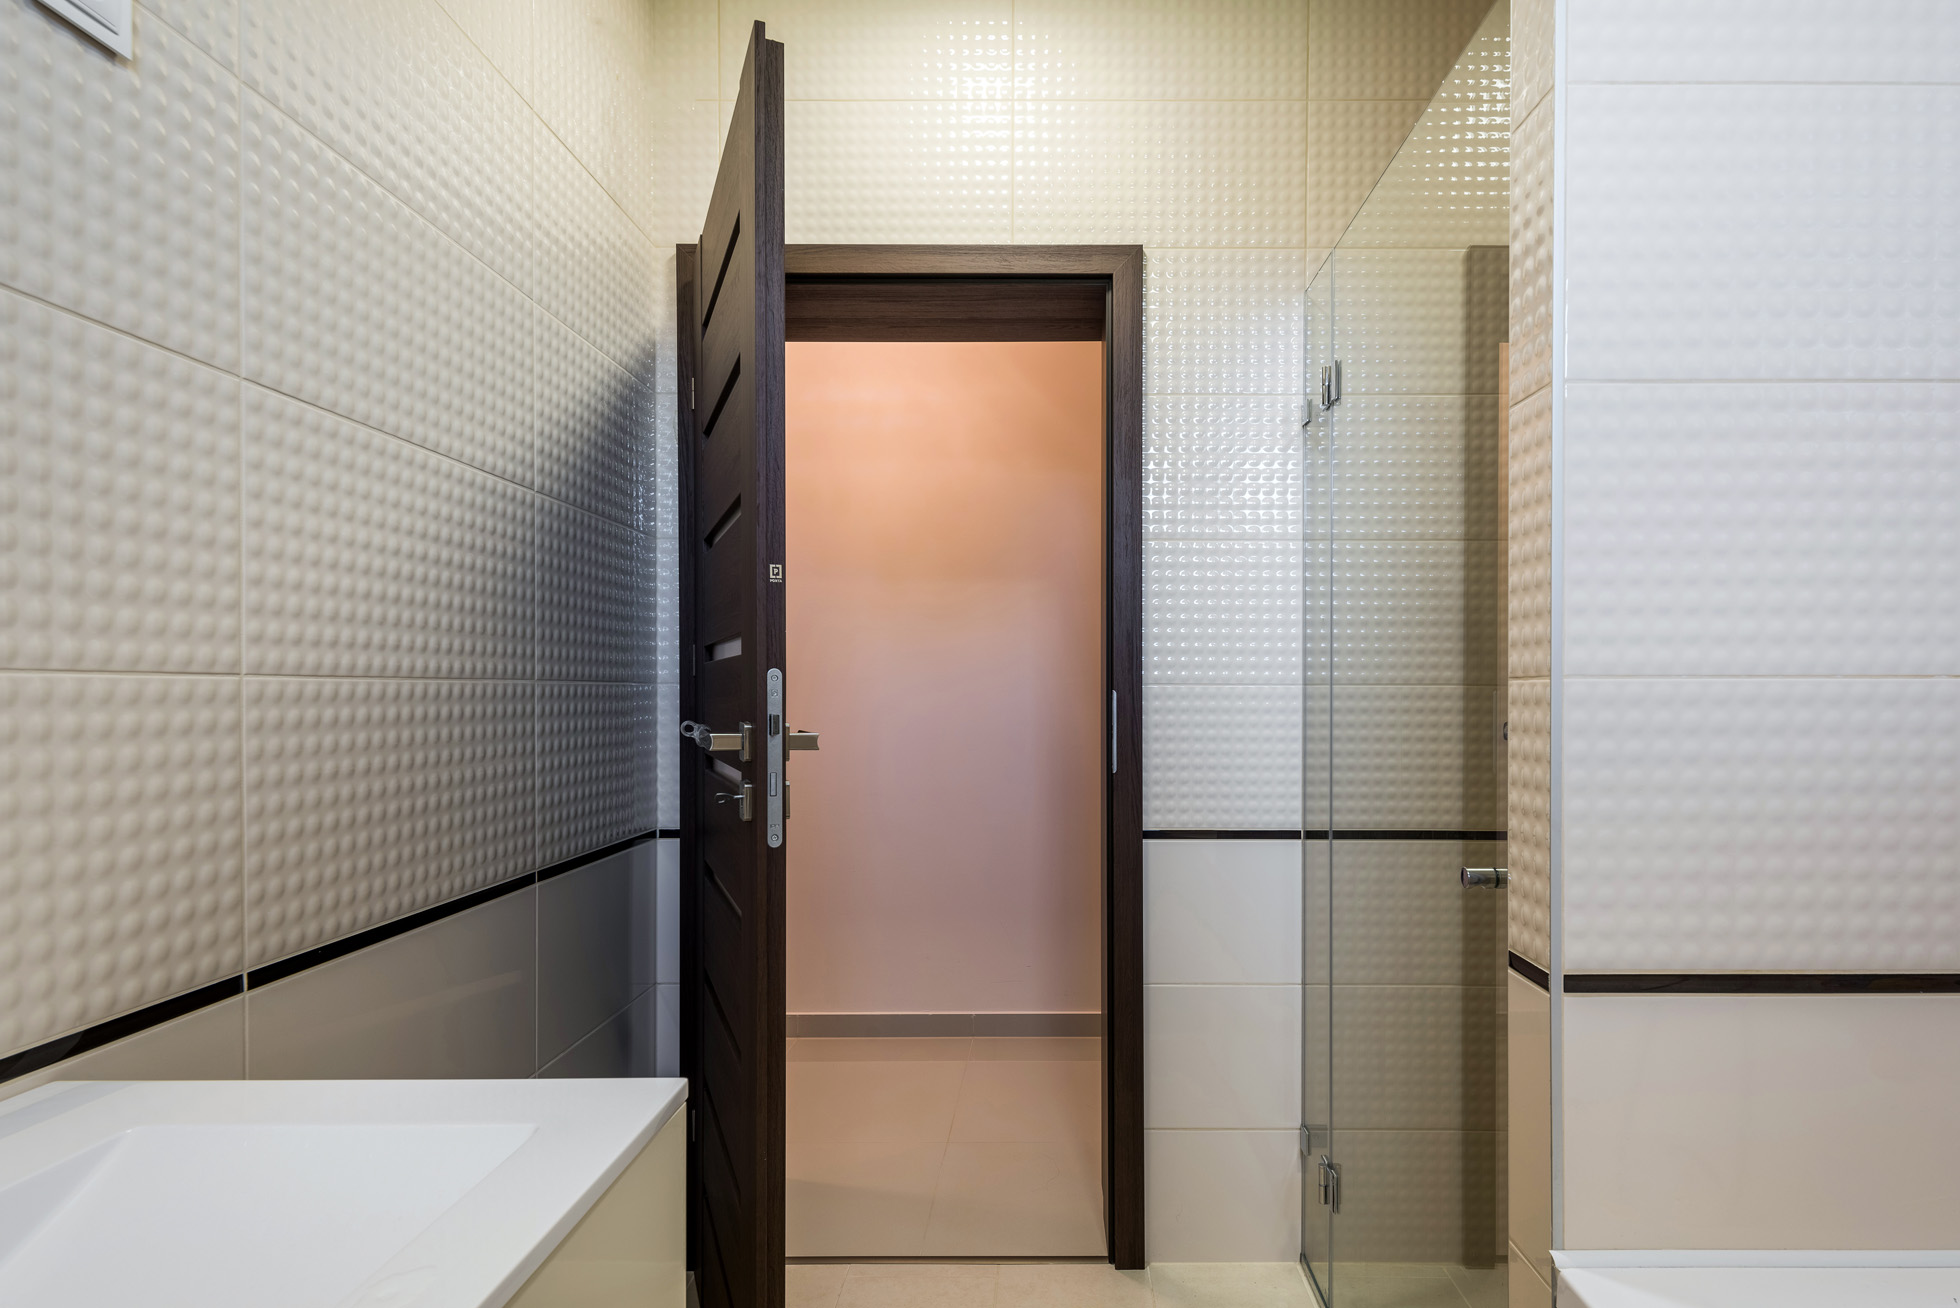 porta beltéri ajtó, fürdőszoba